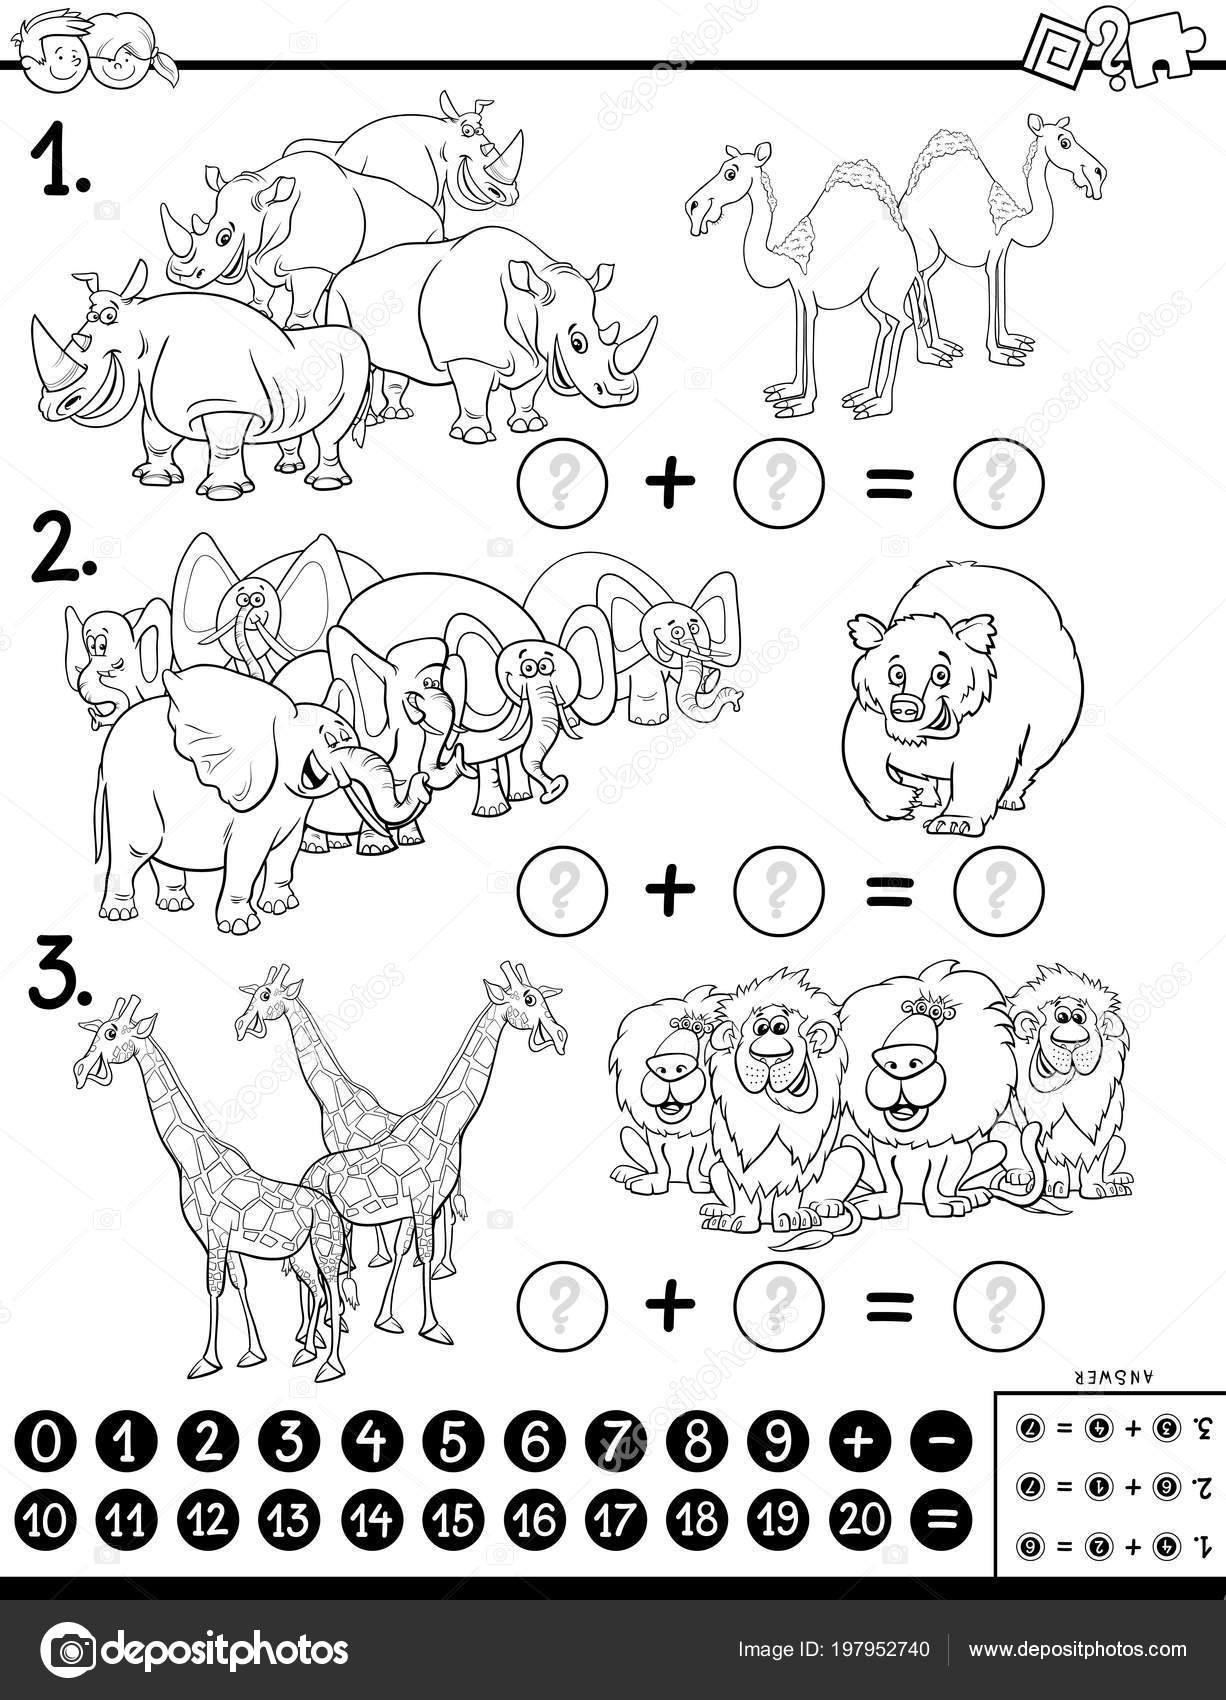 Dibujos Para Niños En Blanco Y Negro Ilustración Dibujos Animados